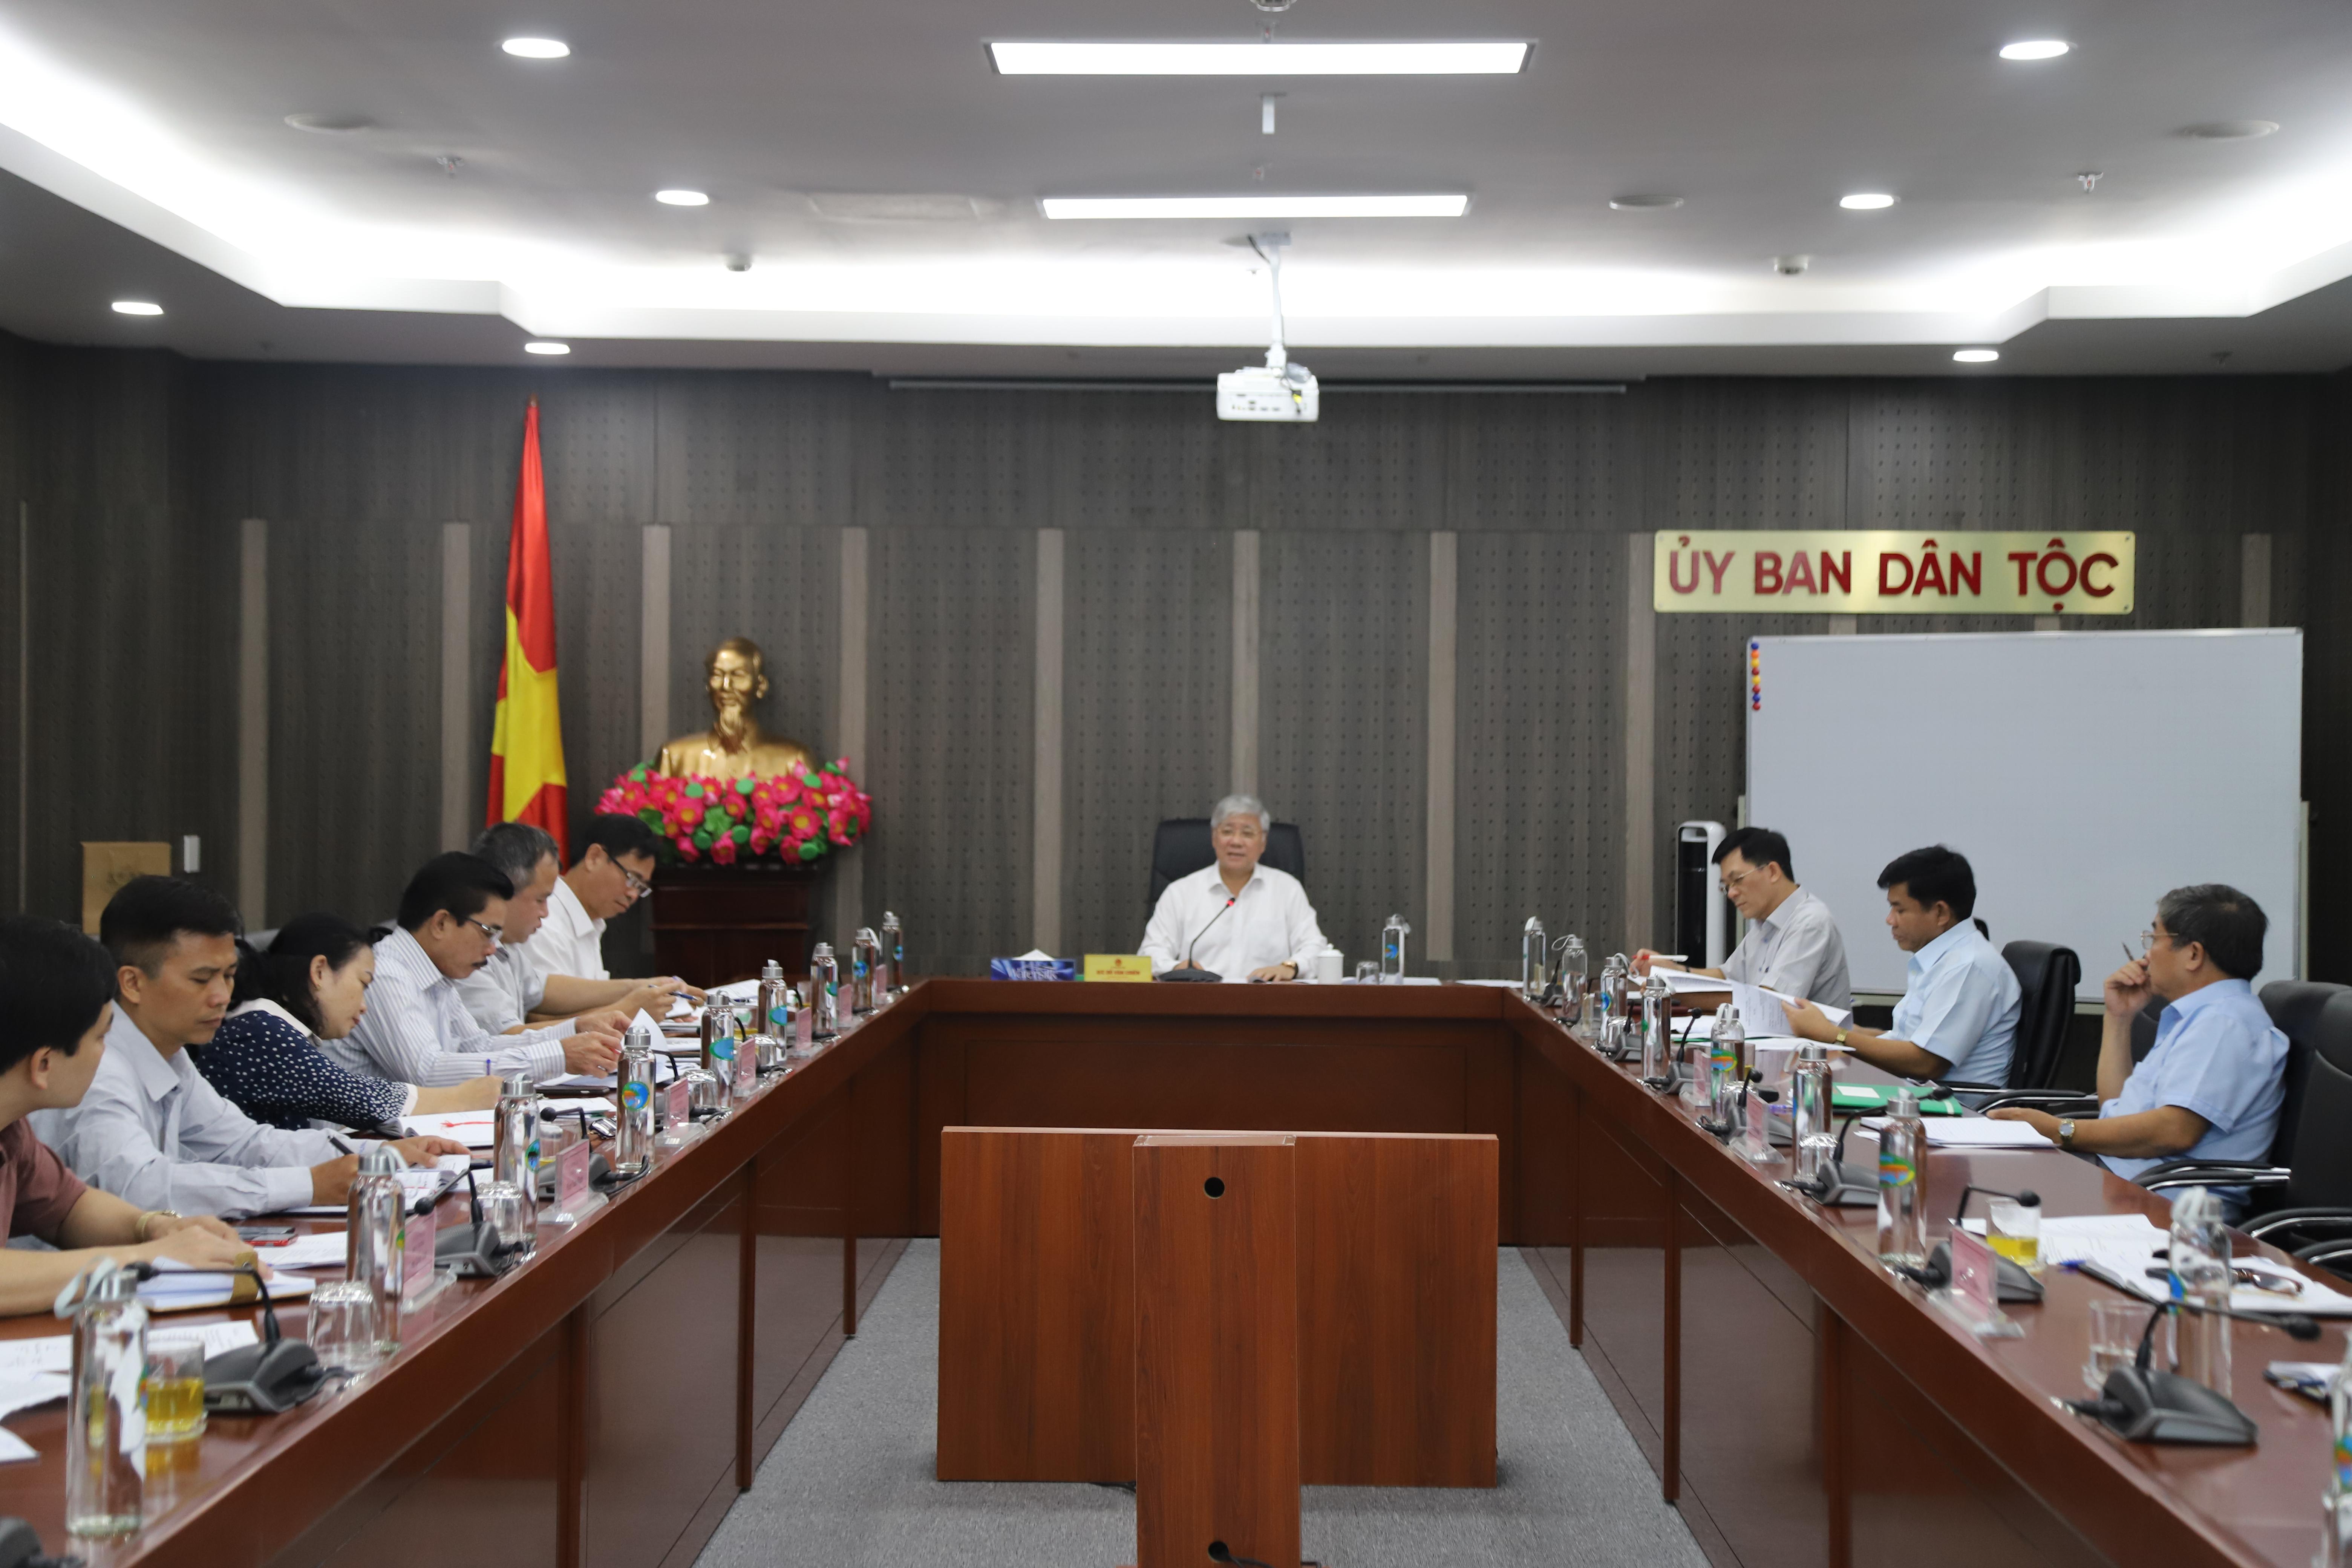 Bộ trưởng, Chủ nhiệm UBDT Đỗ Văn Chiến chủ trì cuộc họp